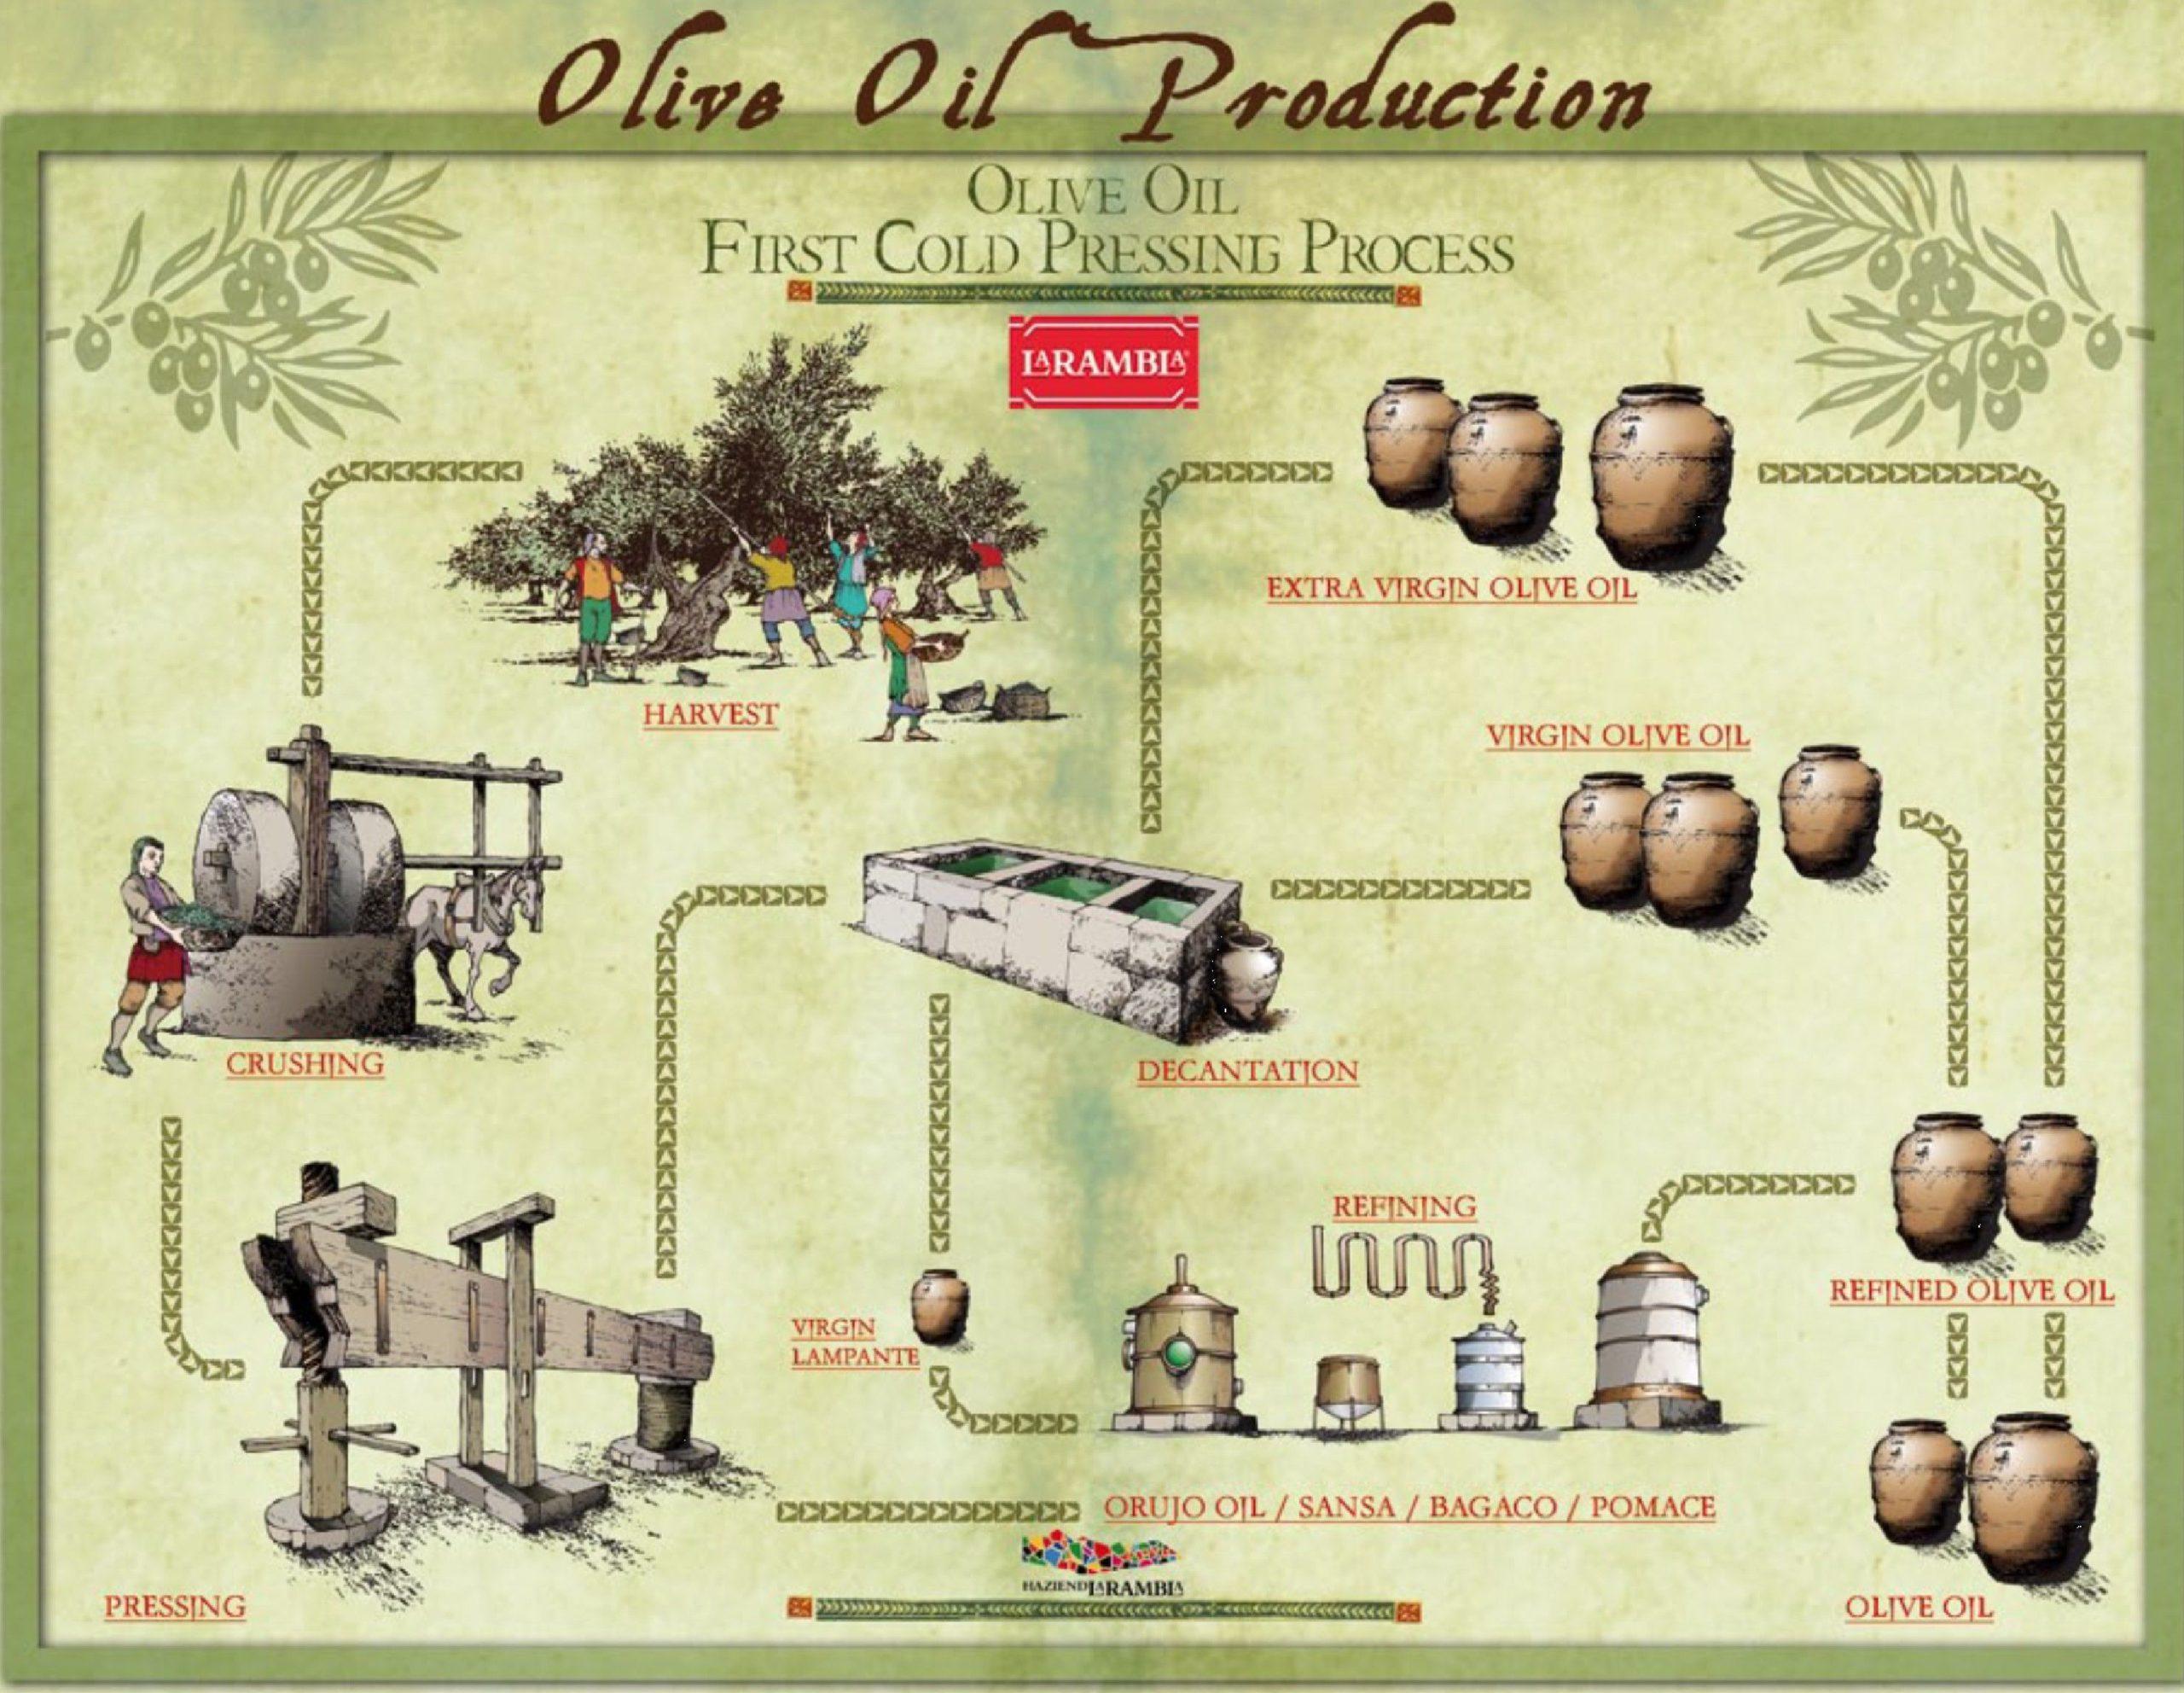 Схема производства оливкового масла первого холодного отжима